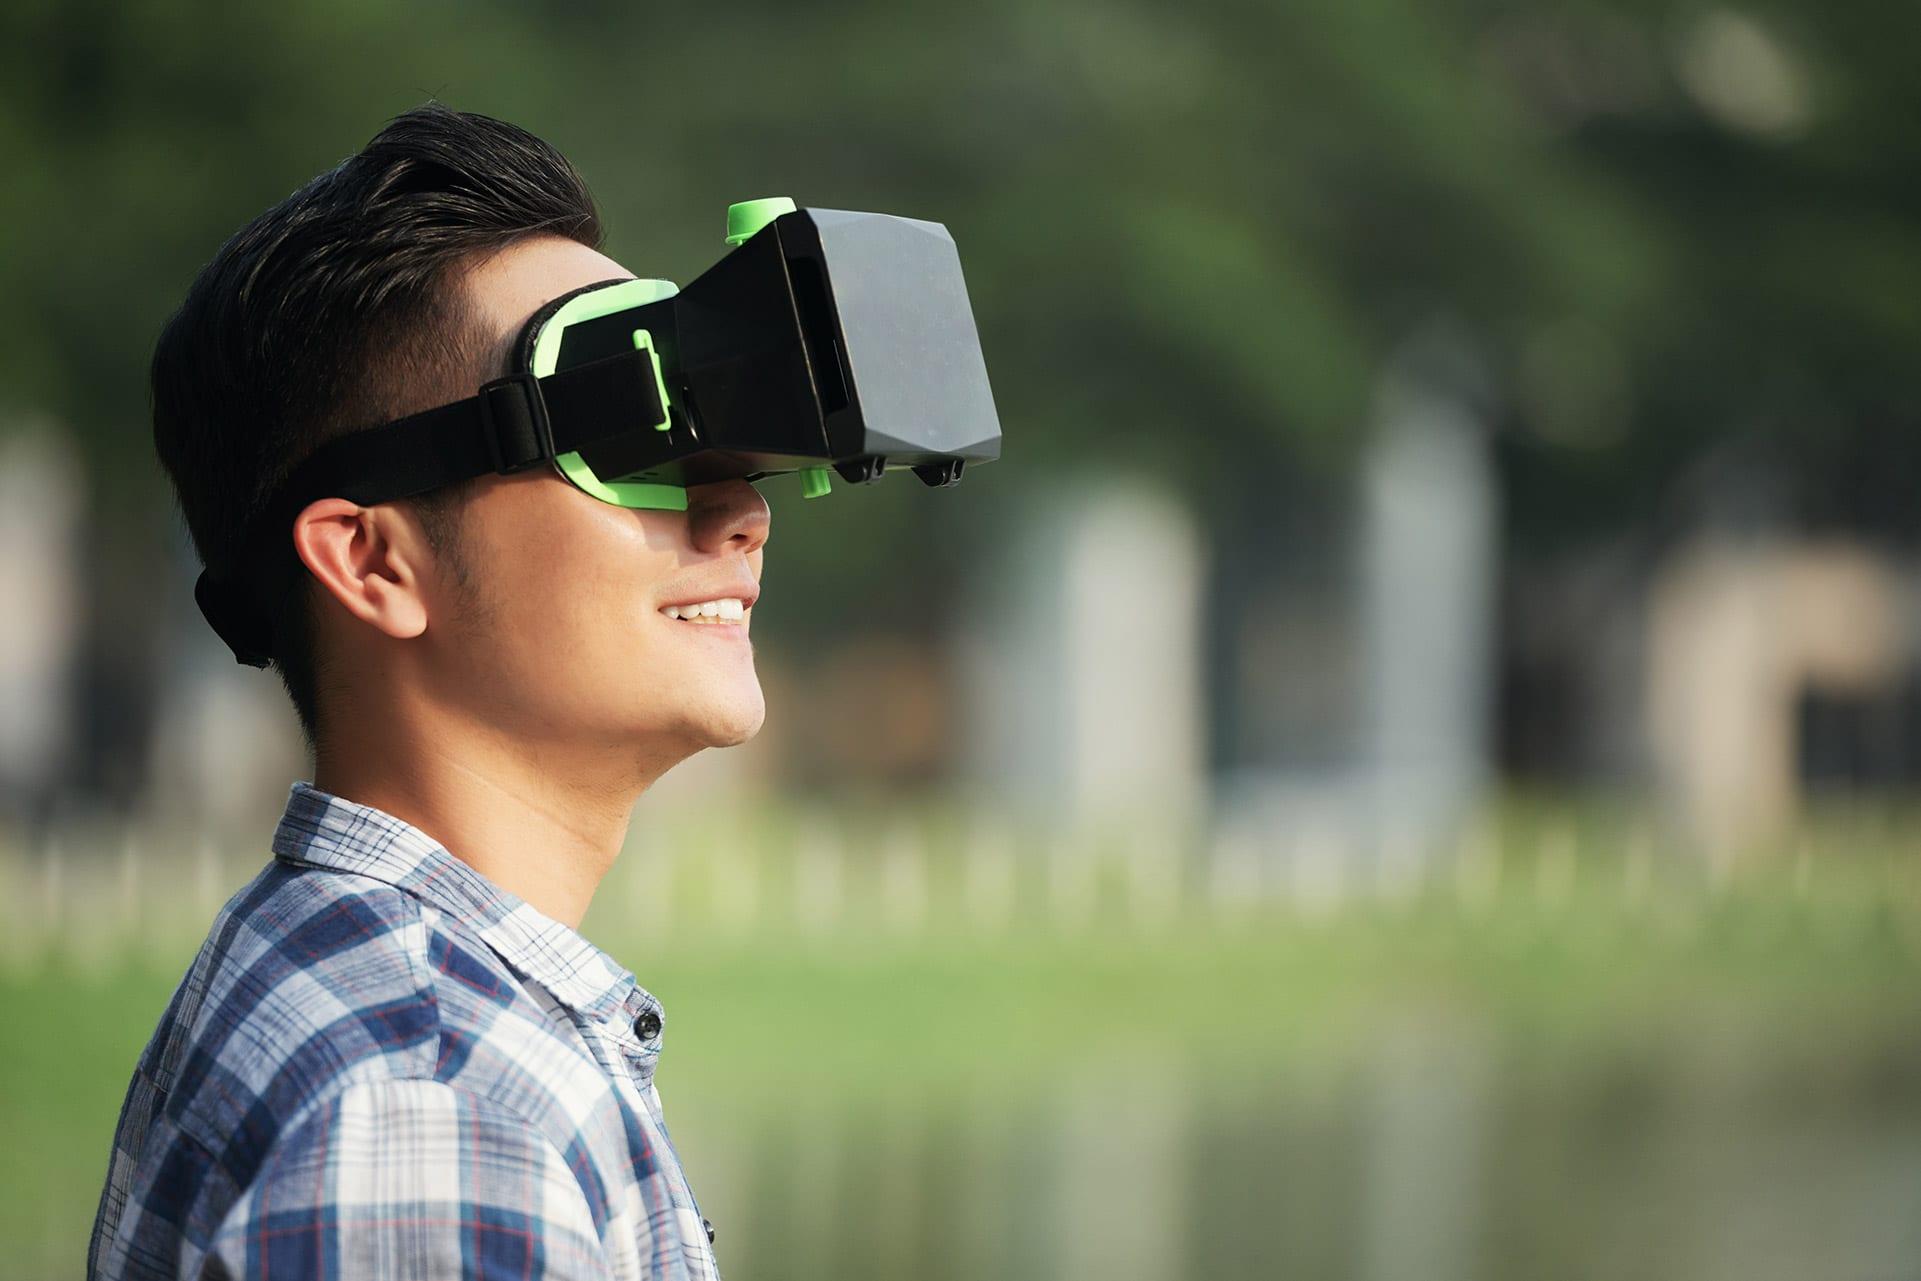 Homem desfrutando de novo aplicativo VR